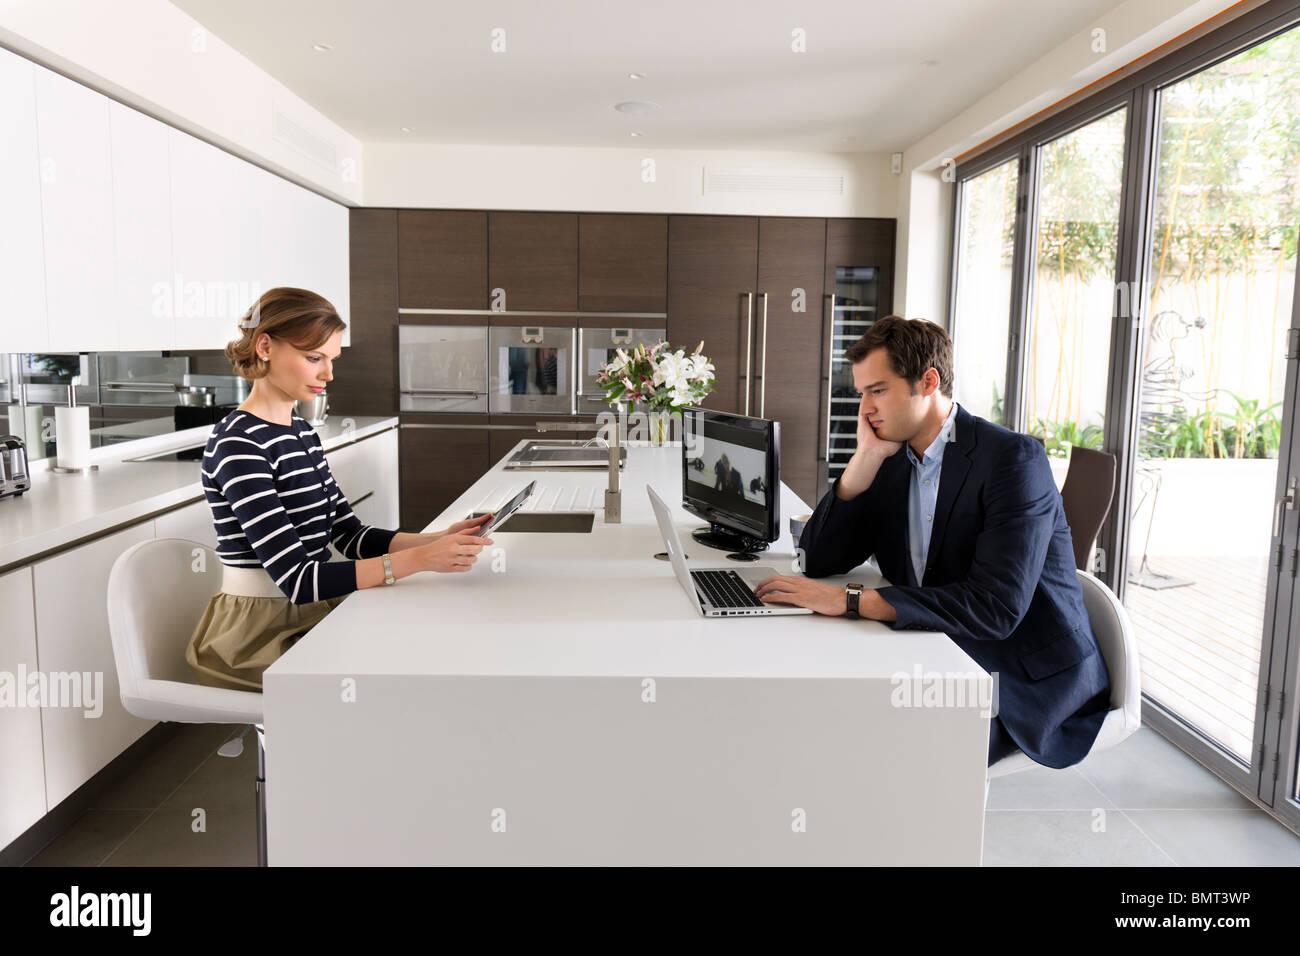 Pareja mirando laptop y ipad en su cocina de alta tecnología. Imagen De Stock